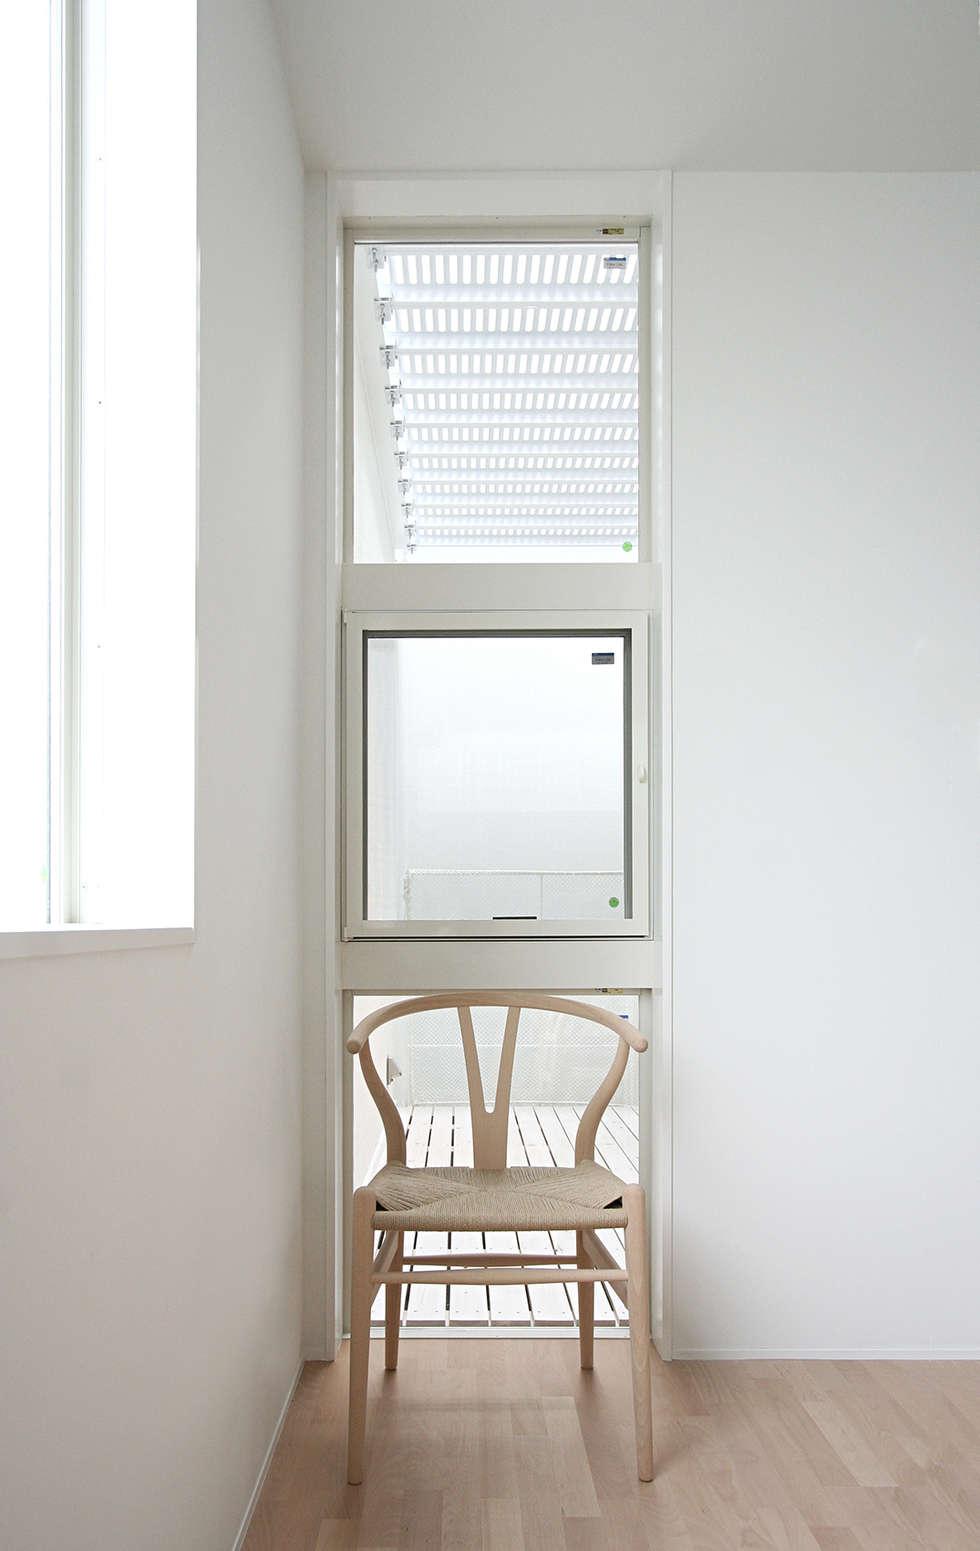 インナーテラスのある明るい住宅: ラブデザインホームズ/LOVE DESIGN HOMESが手掛けたダイニングです。